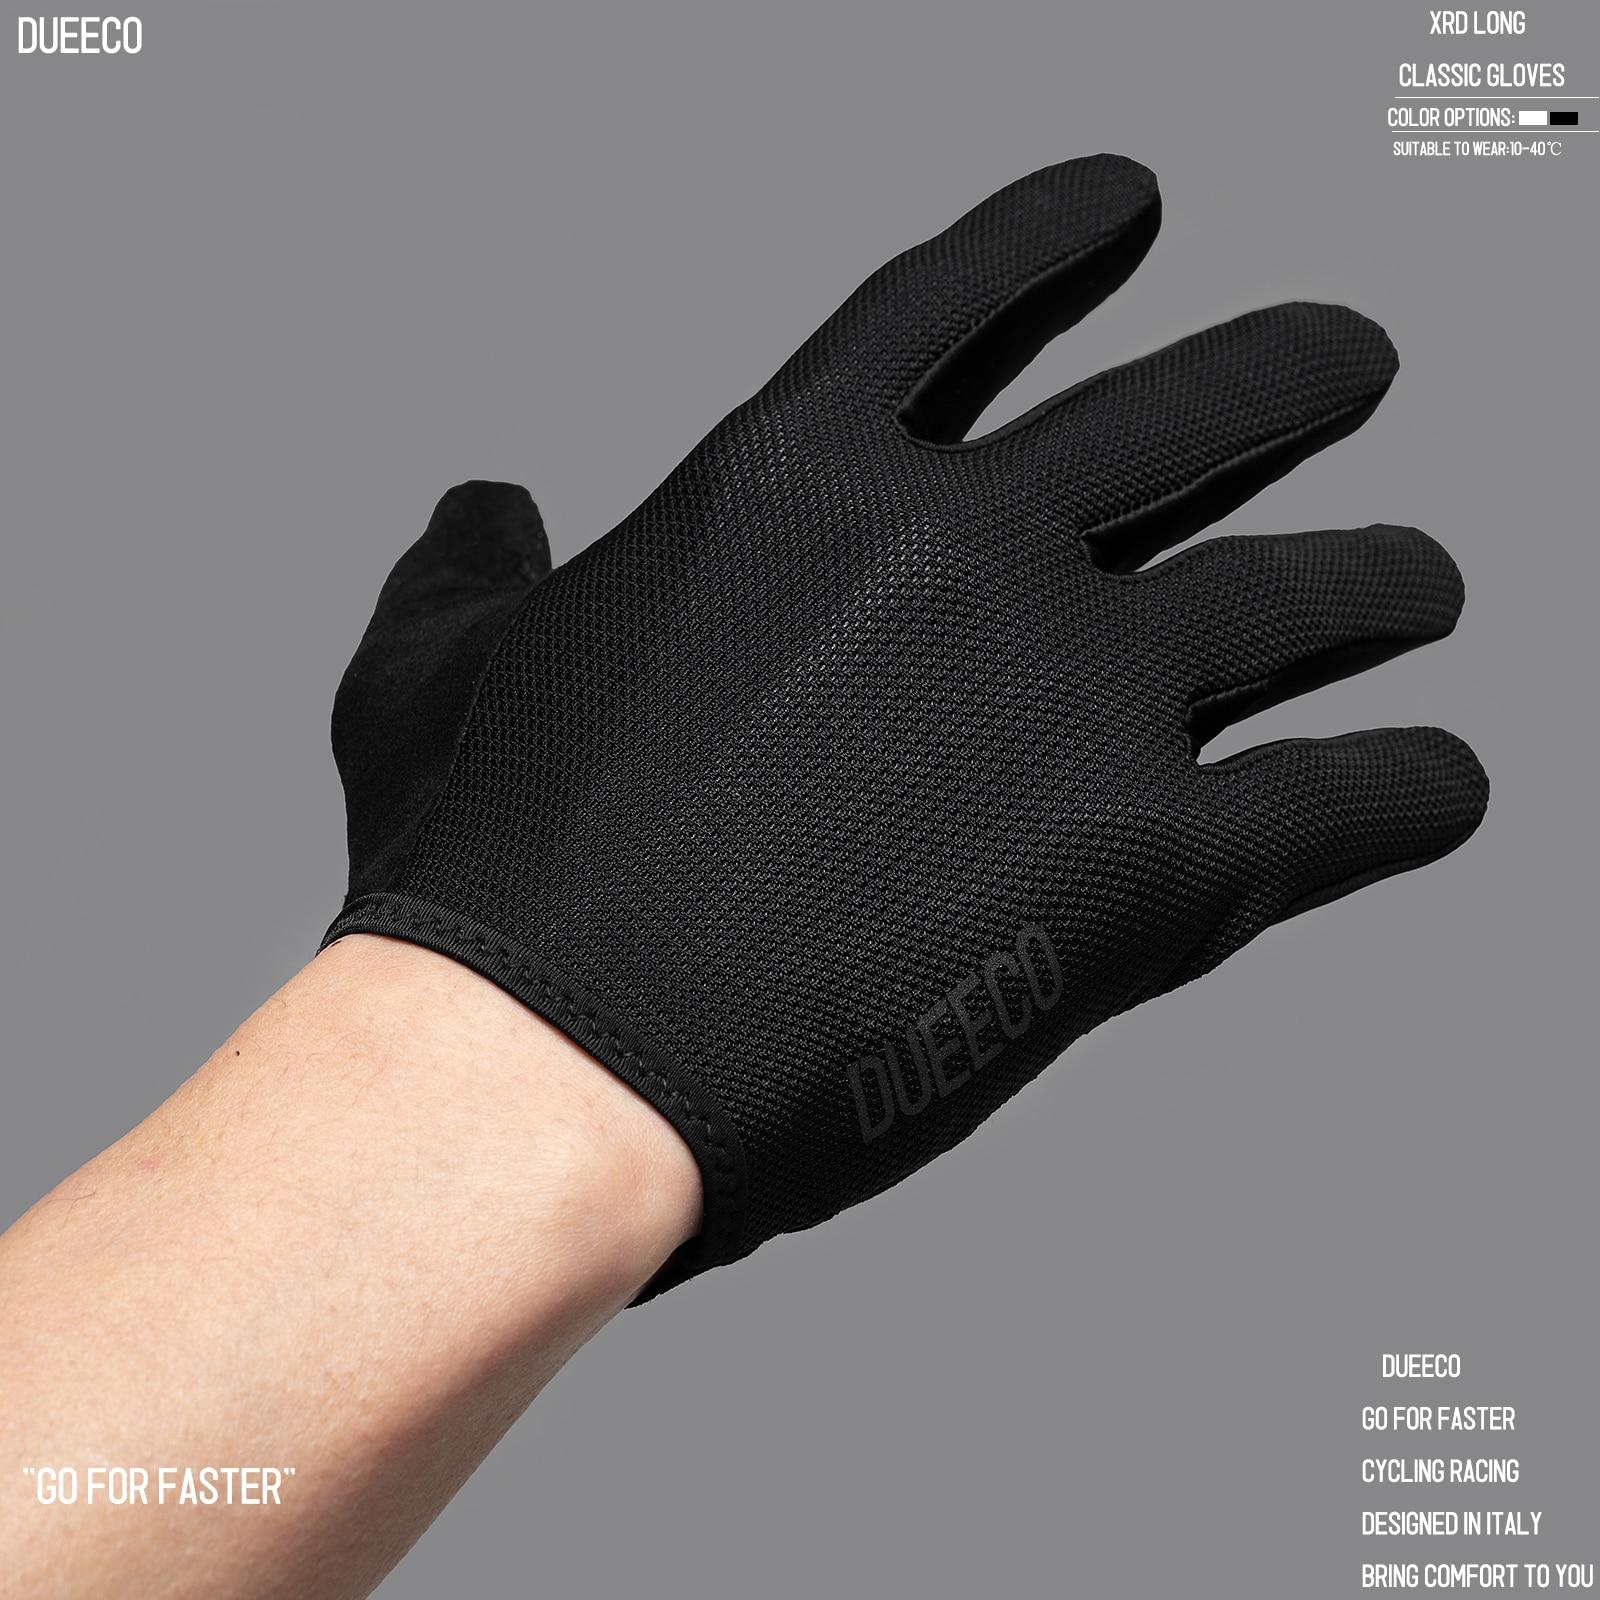 Luvas de ciclismo dueeco, luvas de bicicleta, luvas de bicicleta-dedo completo mtb mx luvas xrd almofada de absorção de choque design de tela de toque antiderrapante